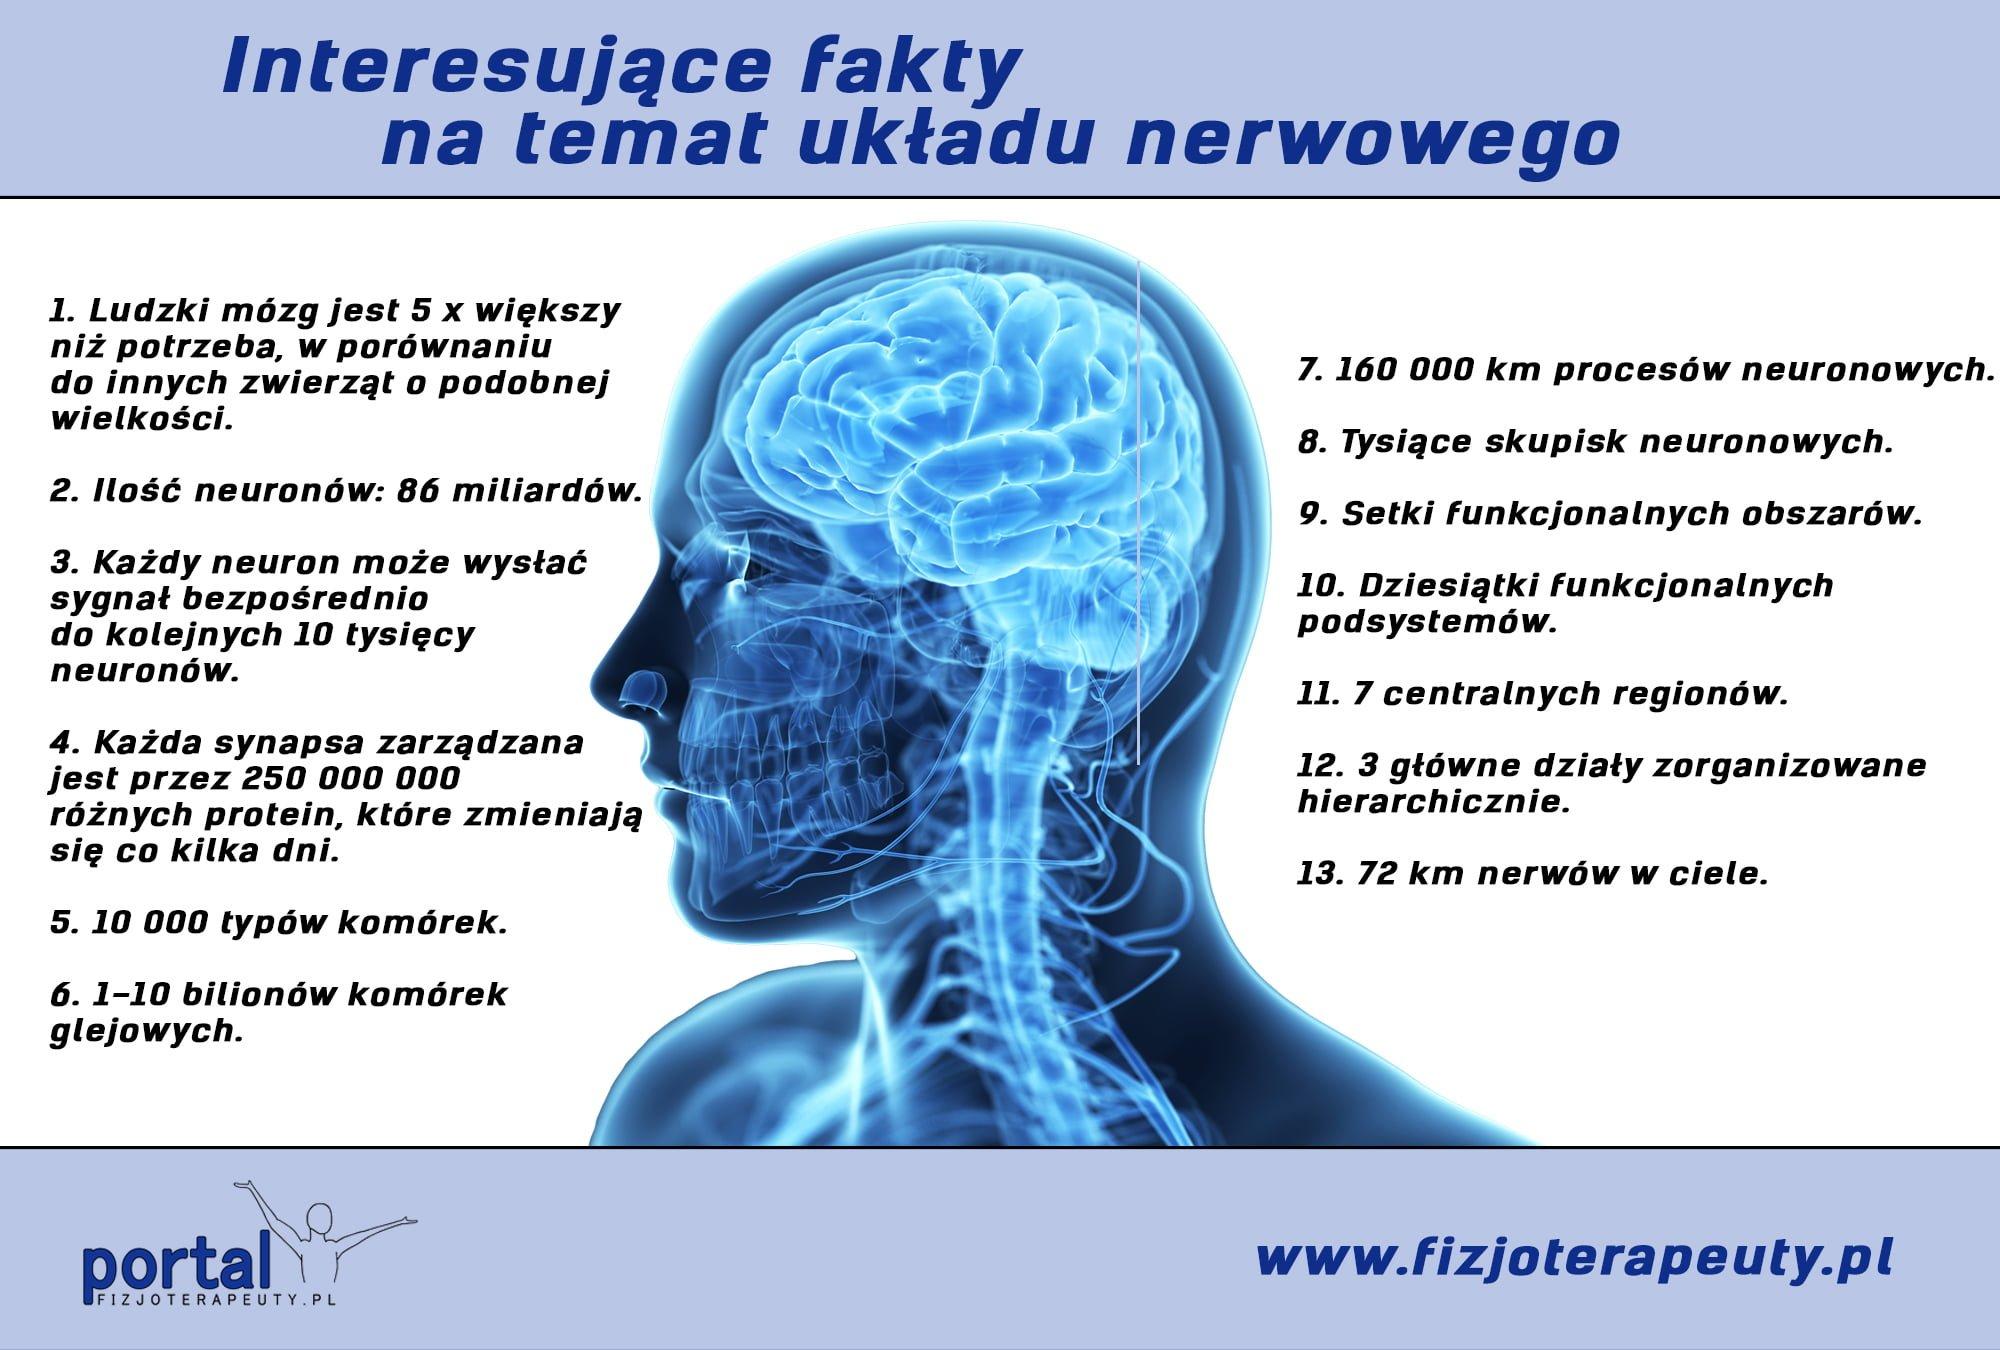 Uklad nerwowy fakty